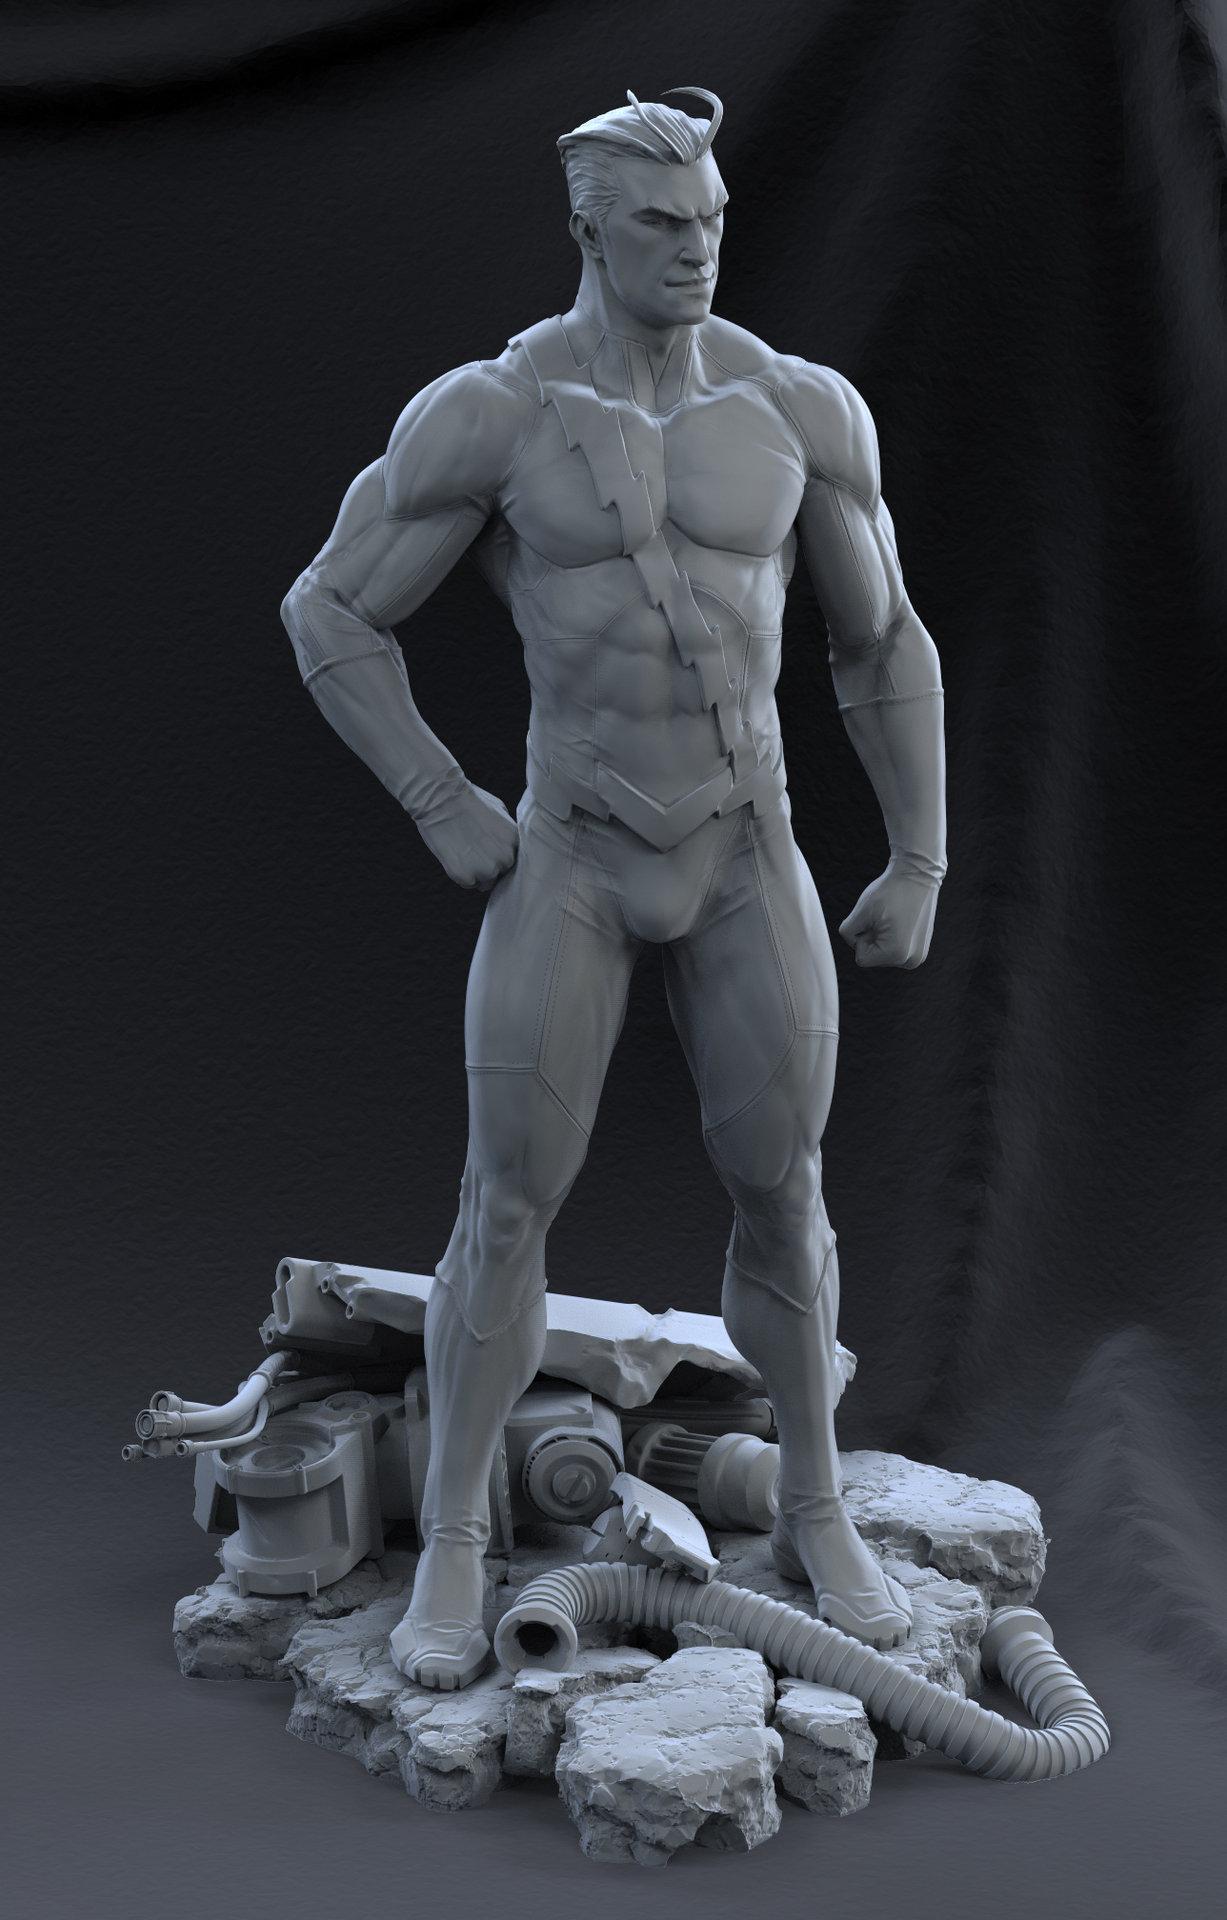 David giraud standing4 grey